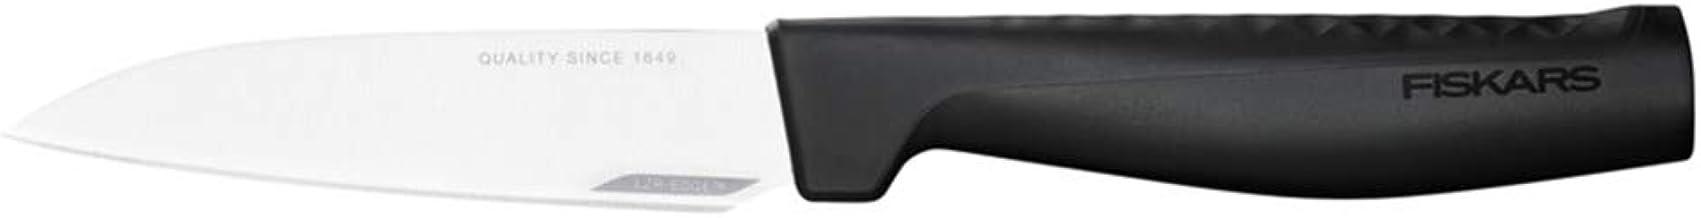 Fiskars Nóż do obierania, Hard Edge, Elegancki design, Długość całkowita: 22,8 cm, Stal nierdzewna/tworzywo sztuczne, 1051762